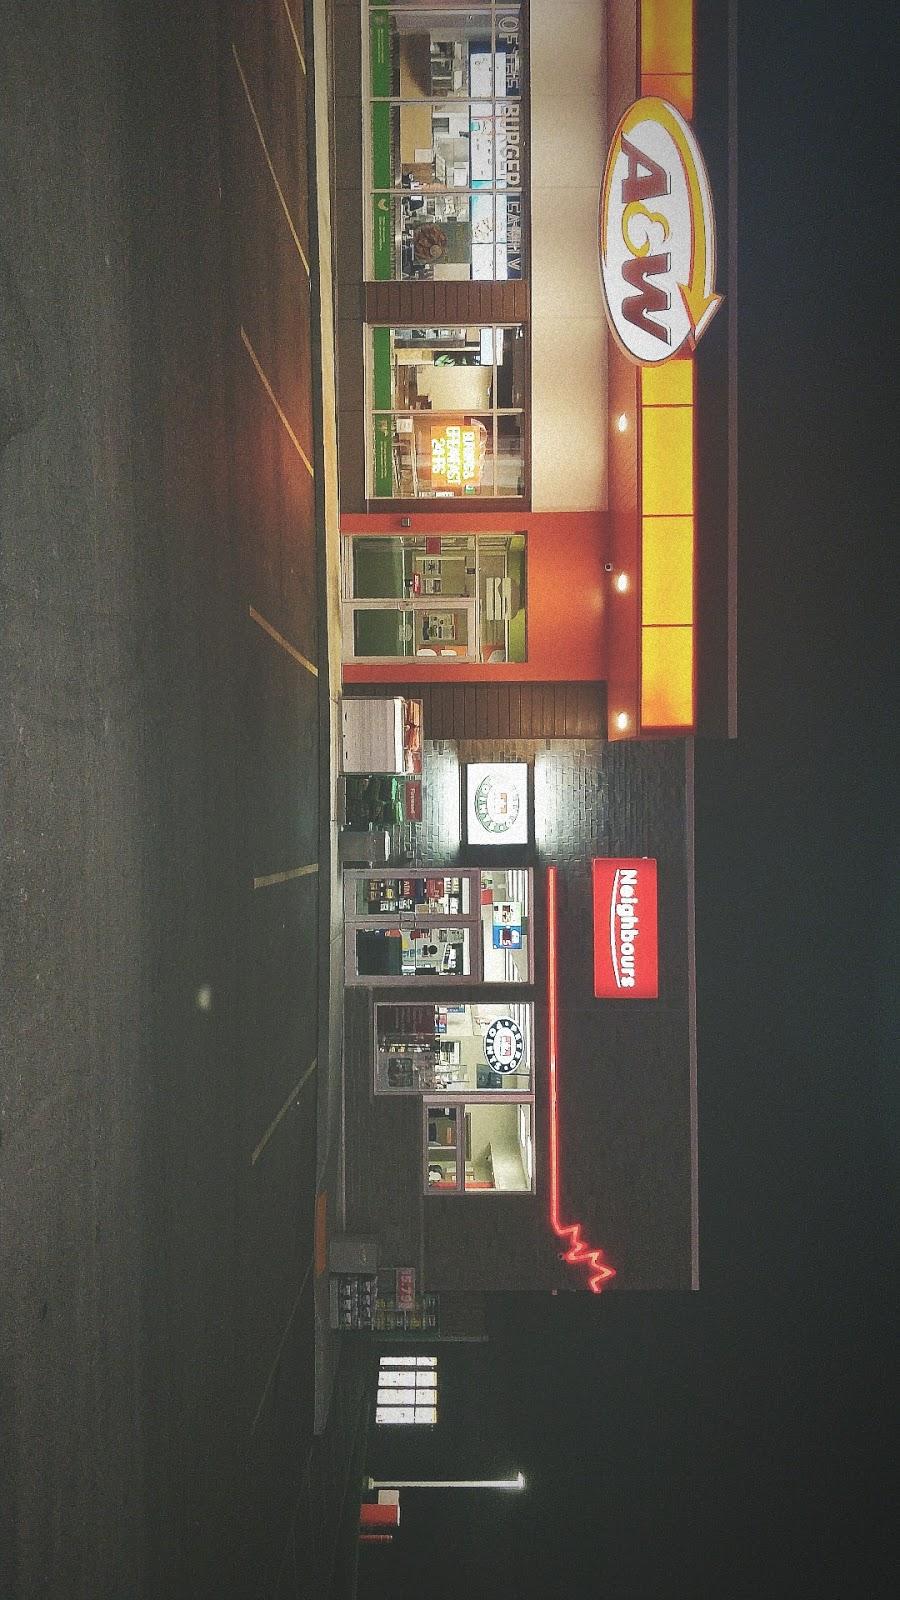 A&W Canada | restaurant | 1182 Colborne St E, Brantford, ON N3T 5M1, Canada | 5197513828 OR +1 519-751-3828